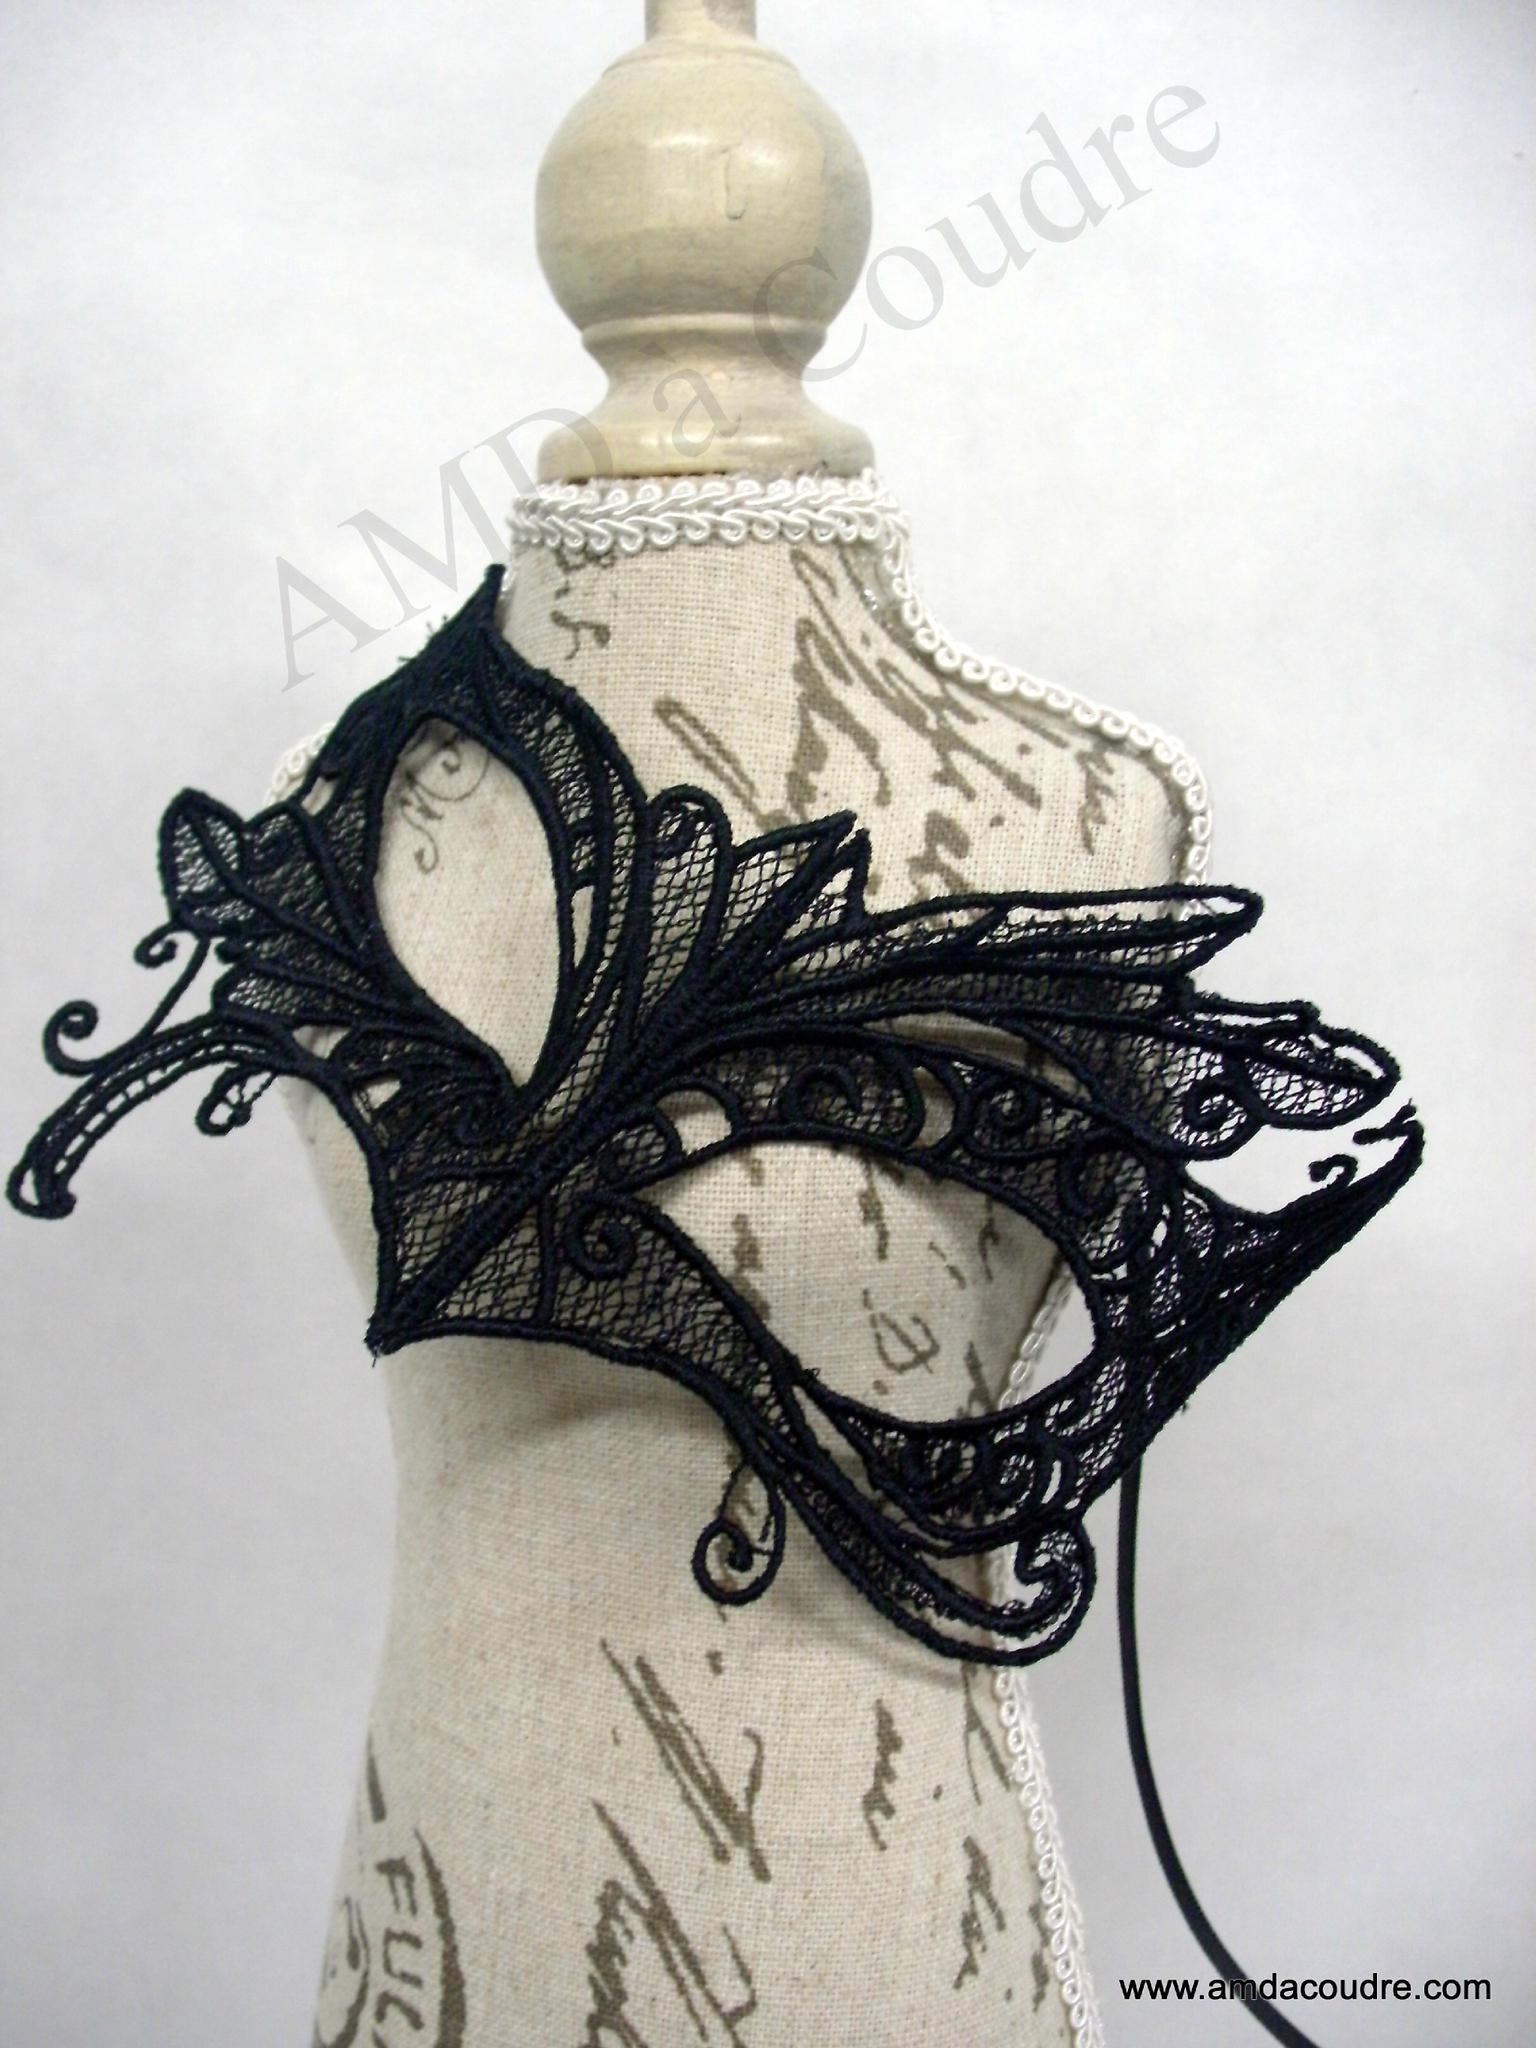 masque vénitien dentelle noire par amd a coudre (2)